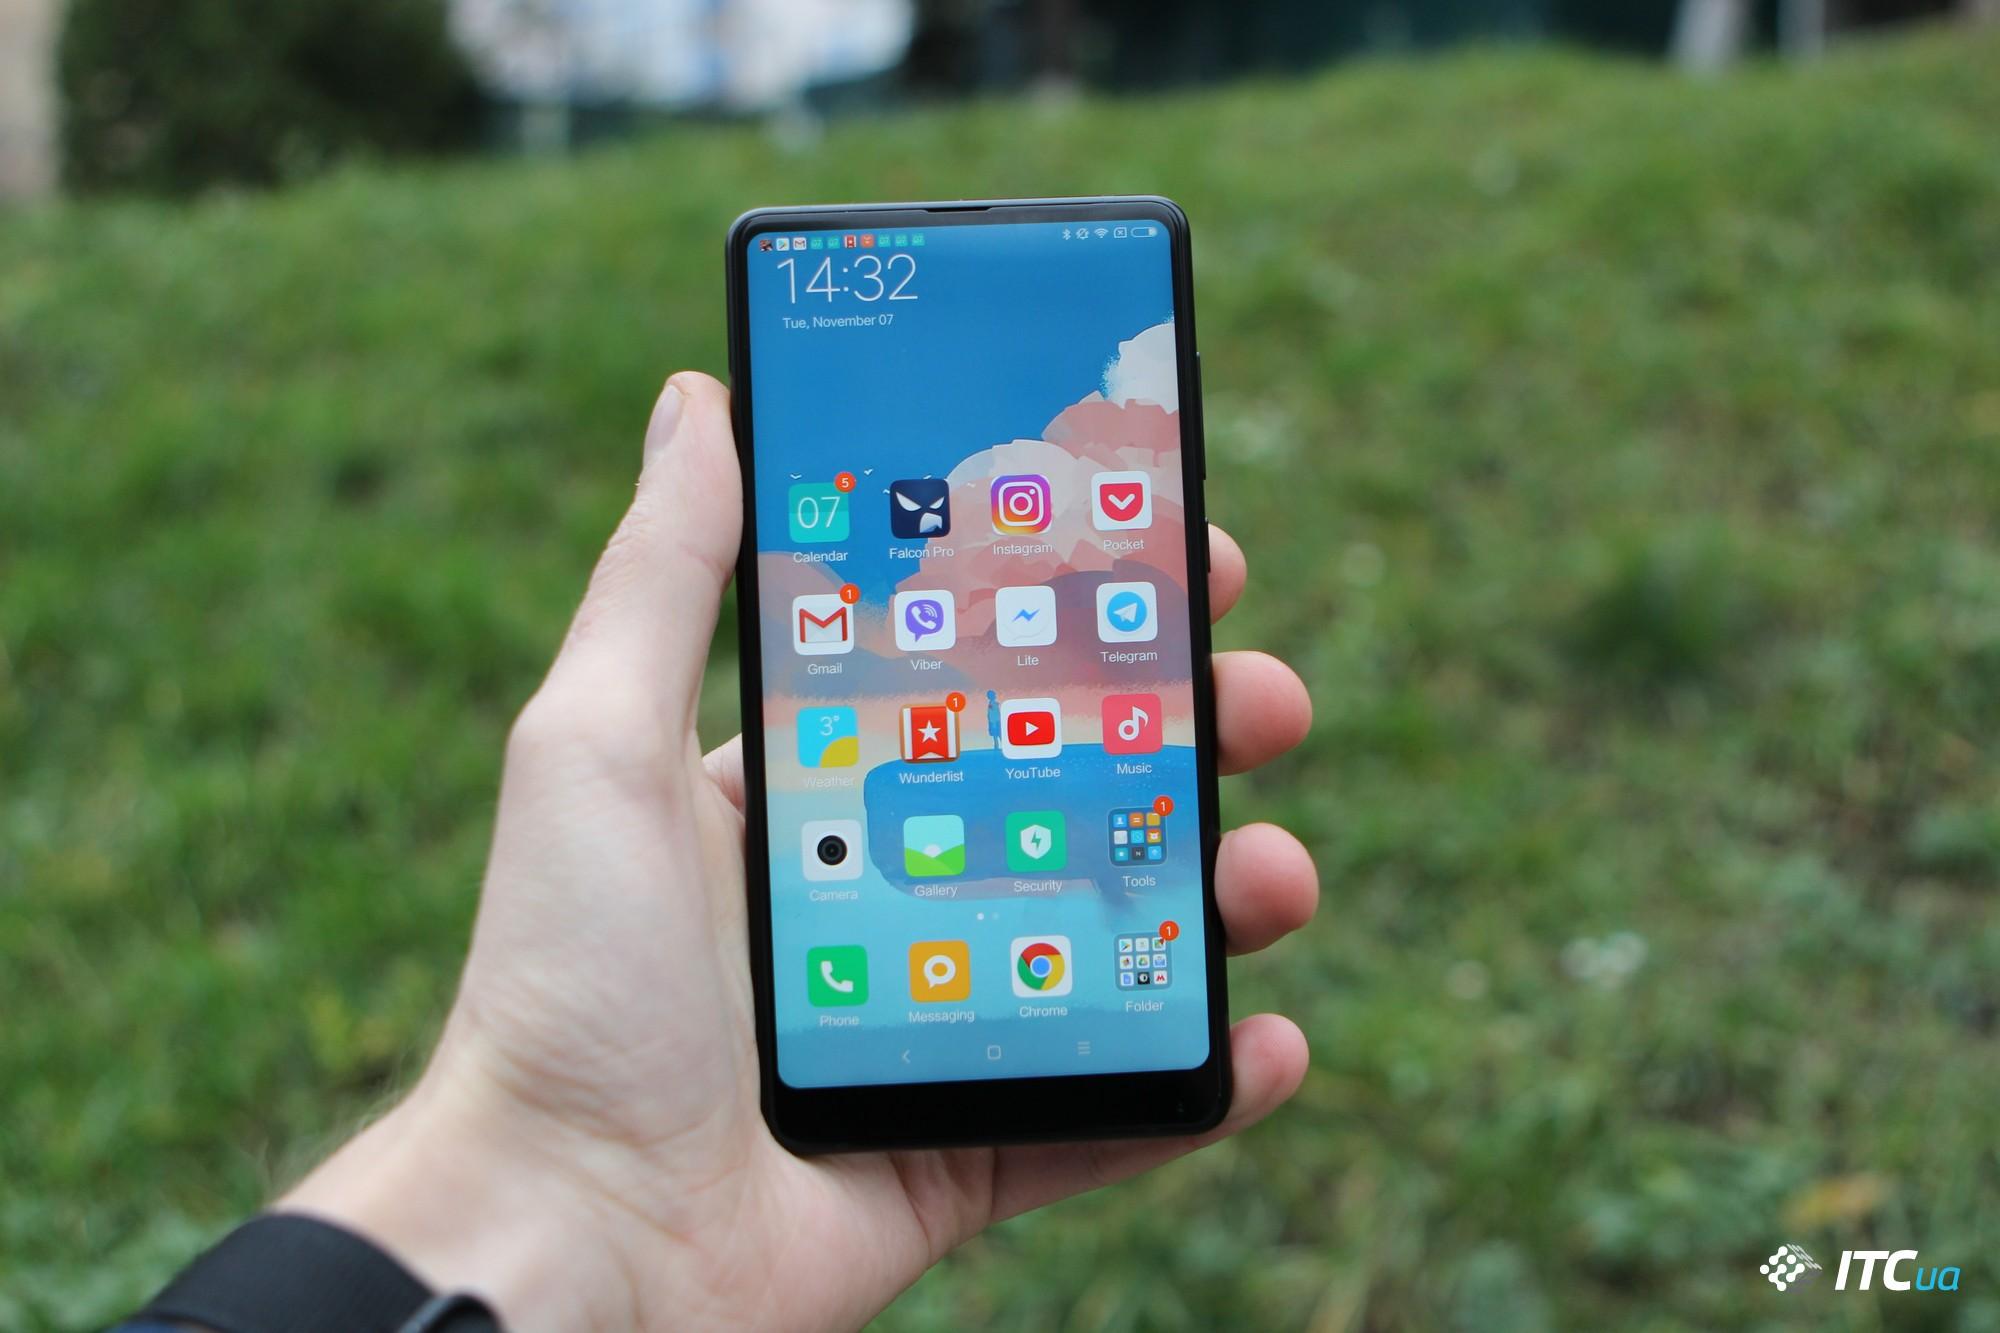 Xiaomi начнёт официальные продажи смартфона Mi Mix 2 в Украине по цене 14 999 грн - ITC.ua